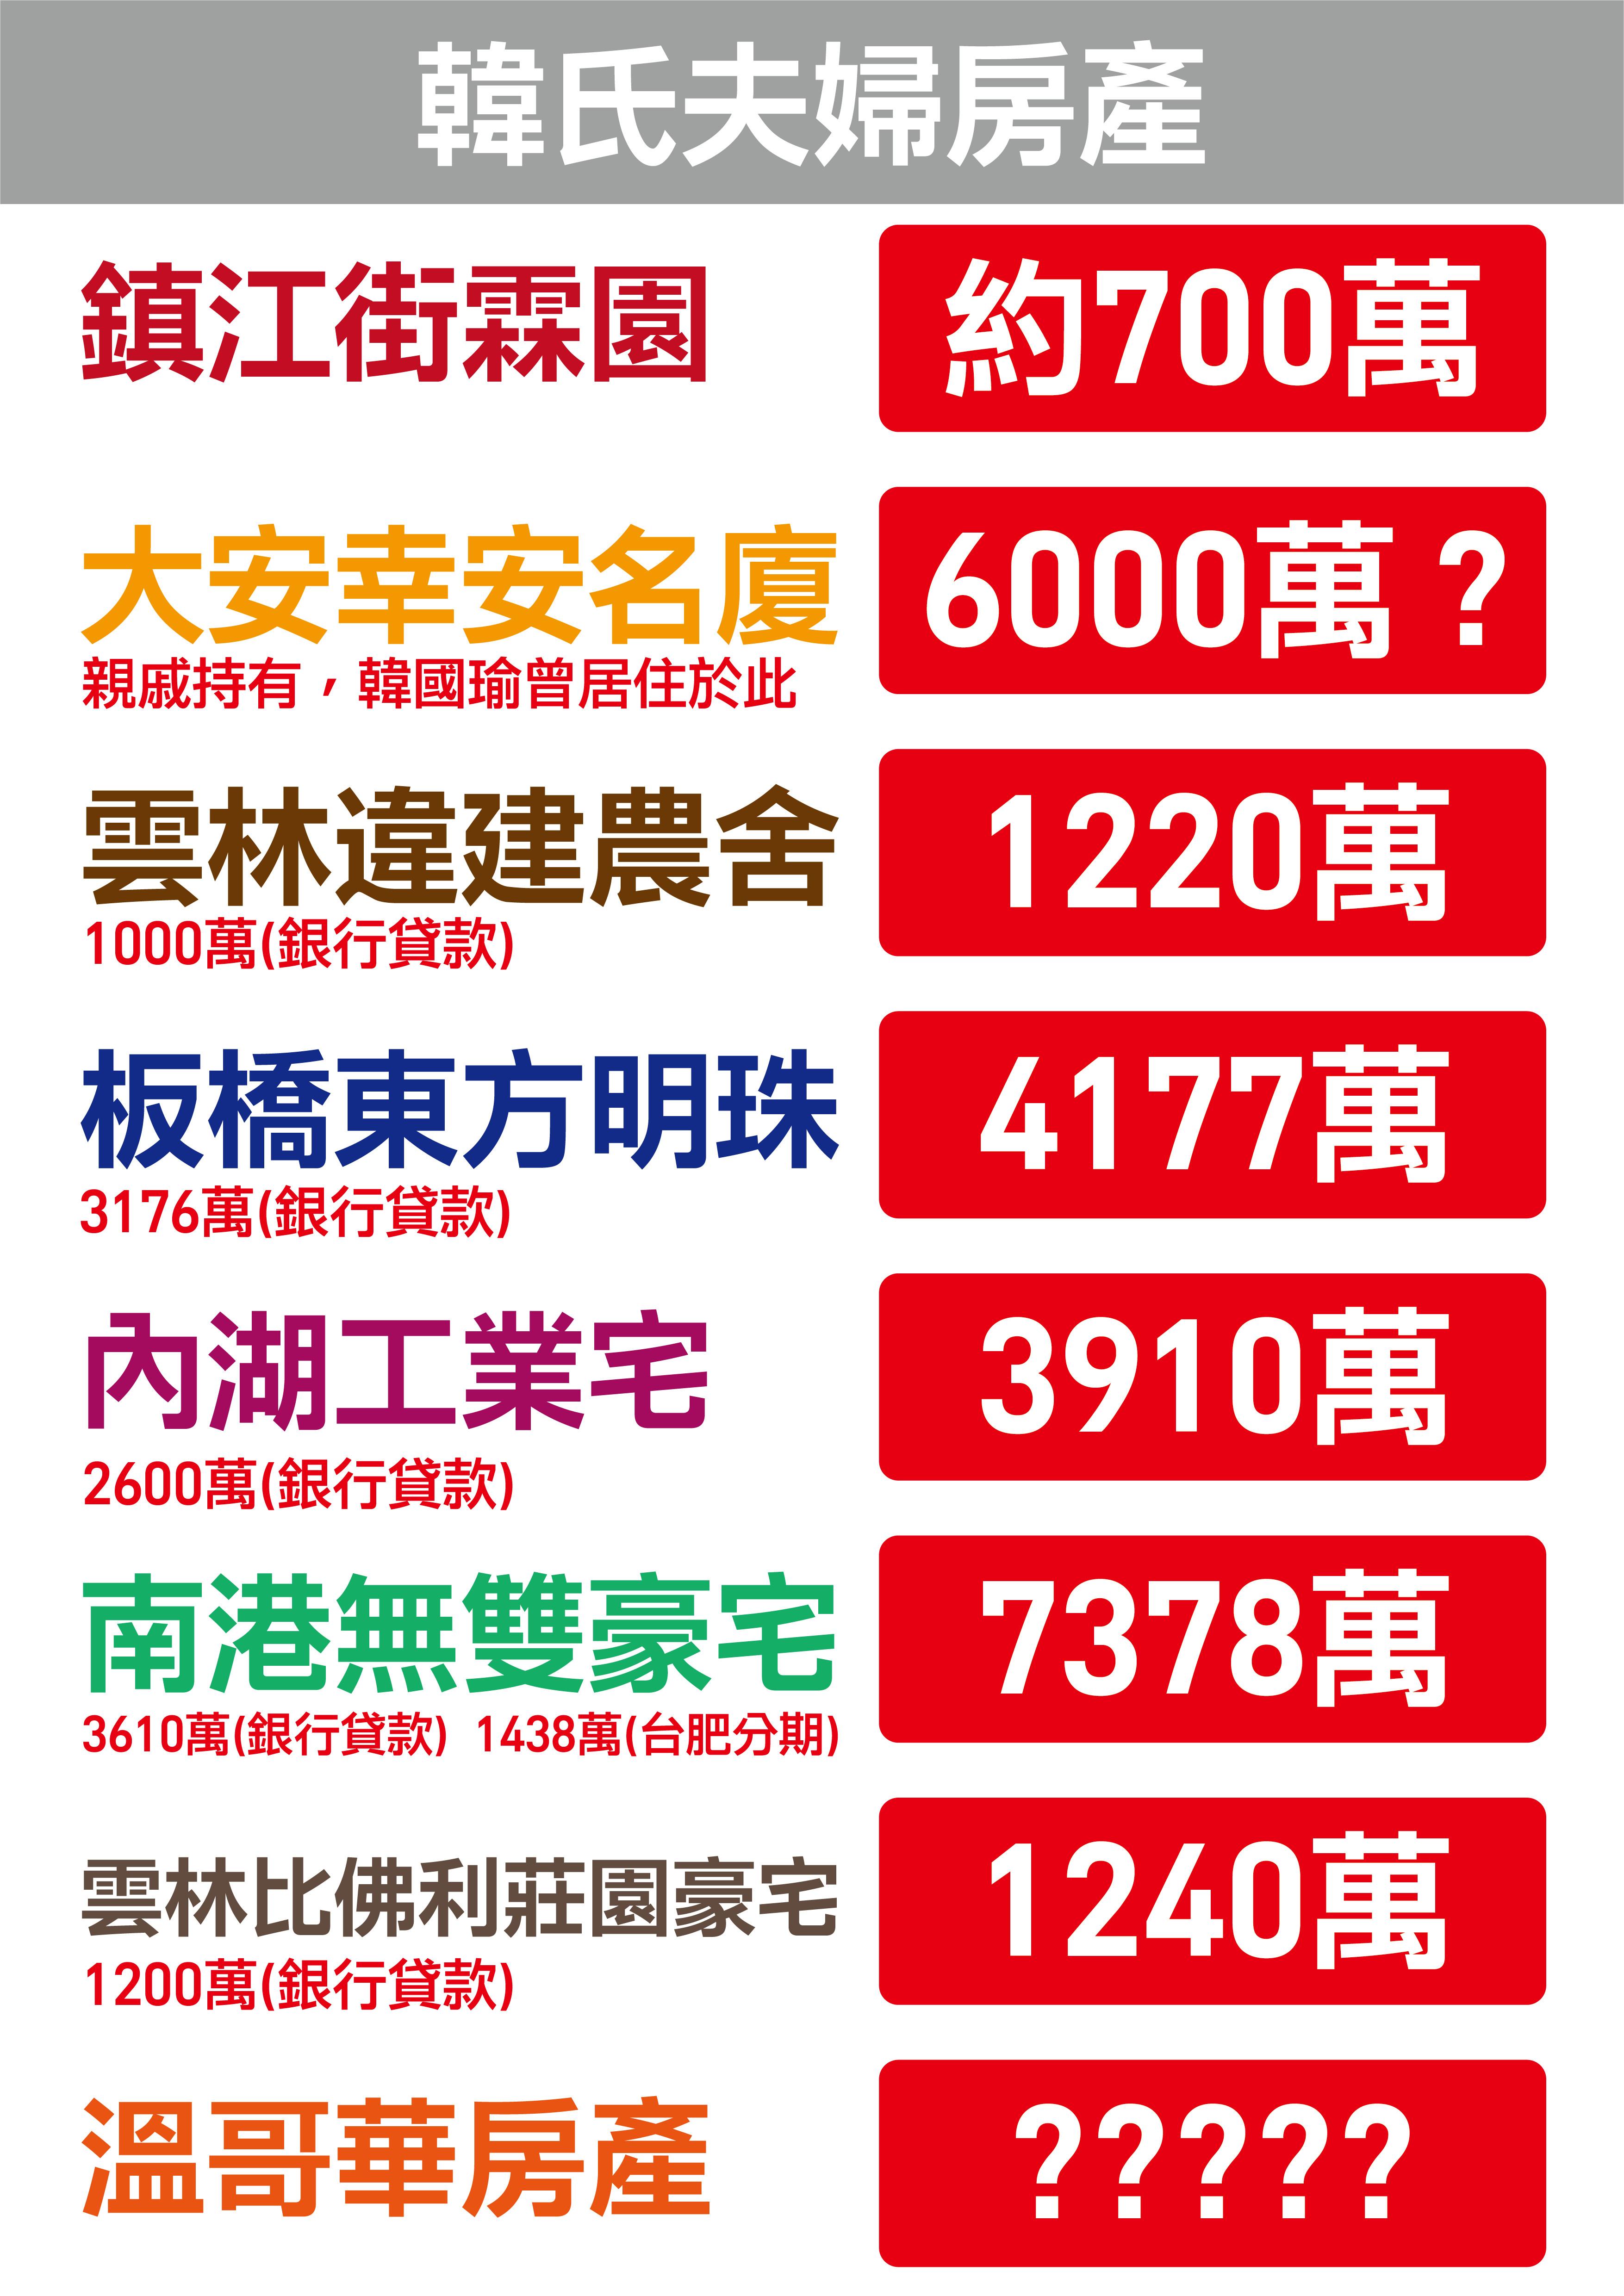 ▲▼民進黨整理2張圖表,韓國瑜豪宅價值、擁有房產時間軸一次看。(圖/民進黨提供)